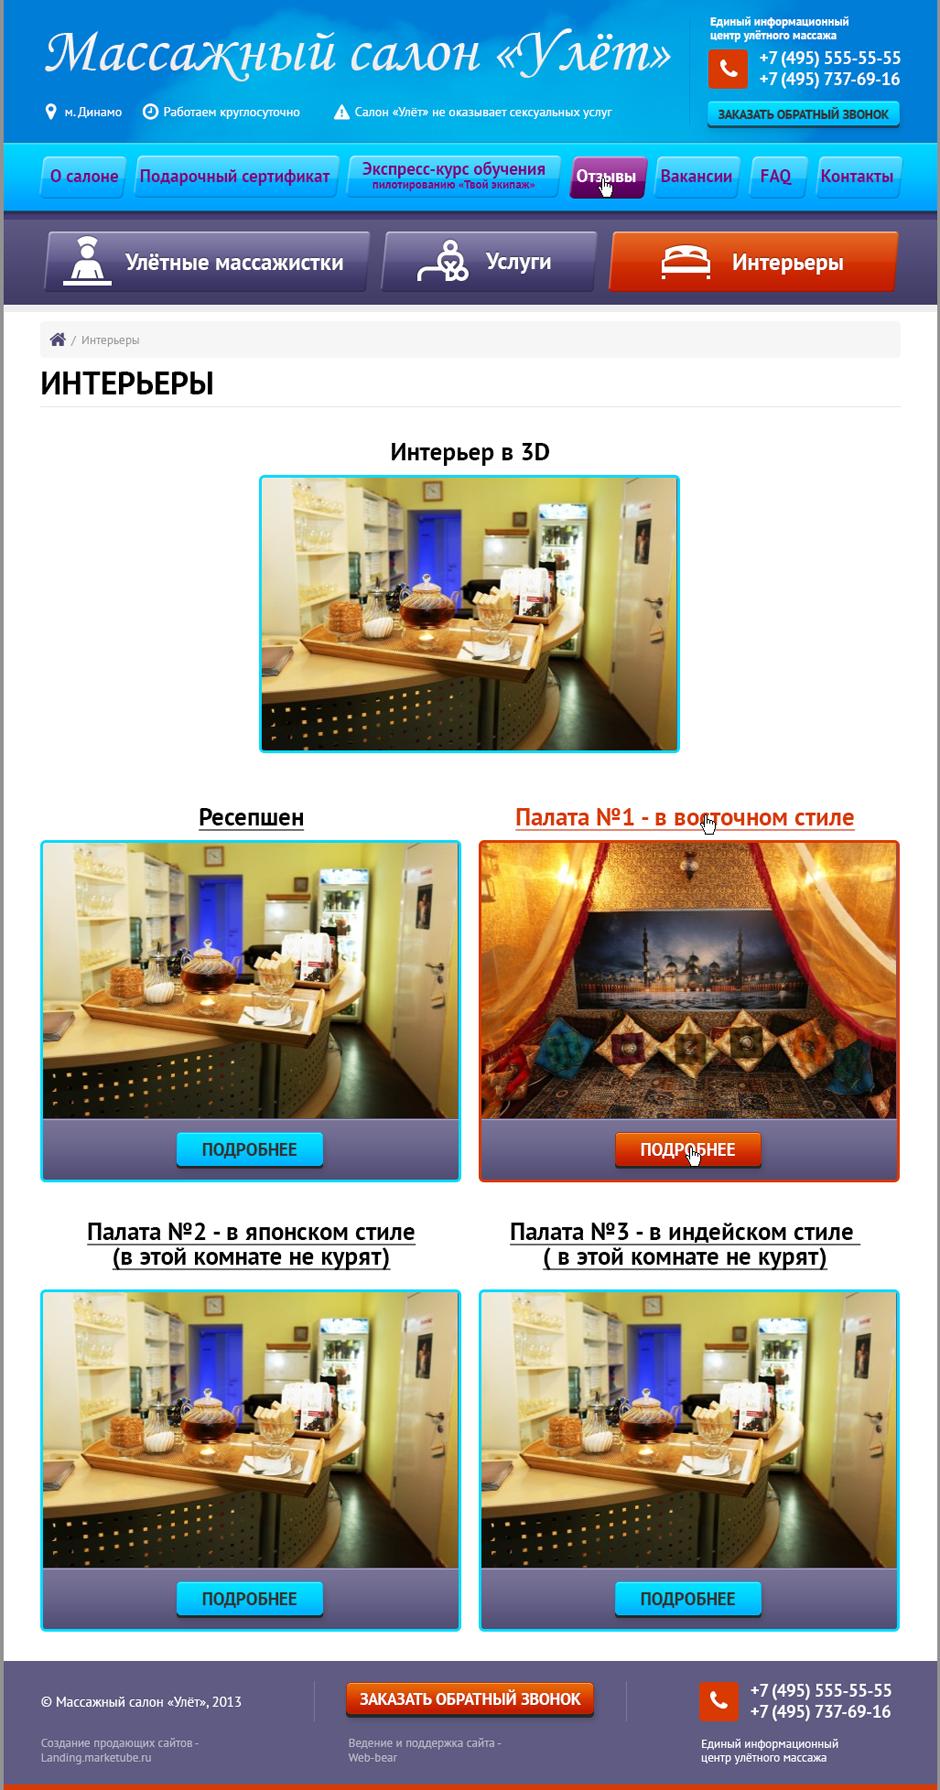 Дизайн сайта Массажного салона